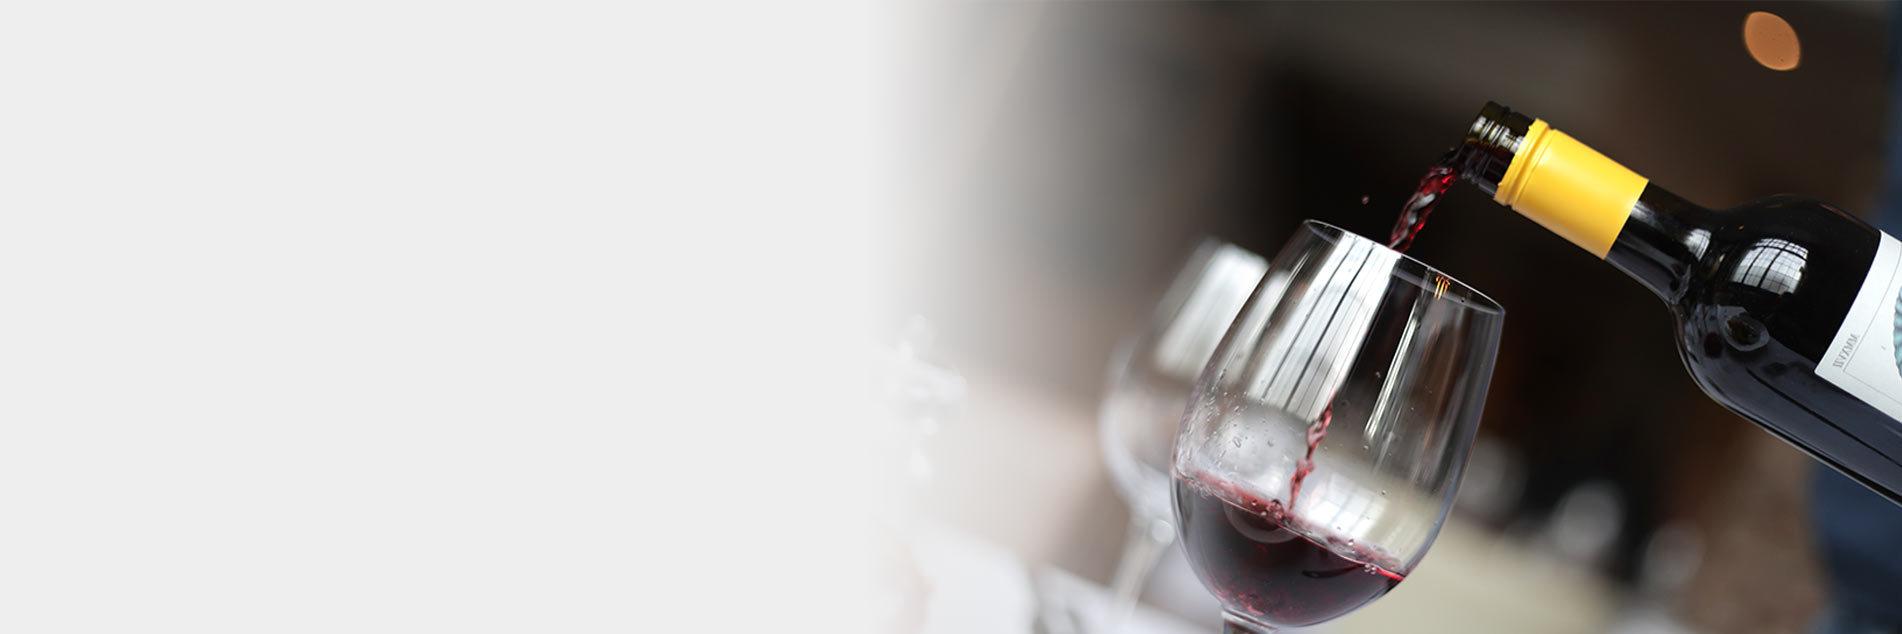 Bring-a-Bottle-Offers-Slider-Image.jpg